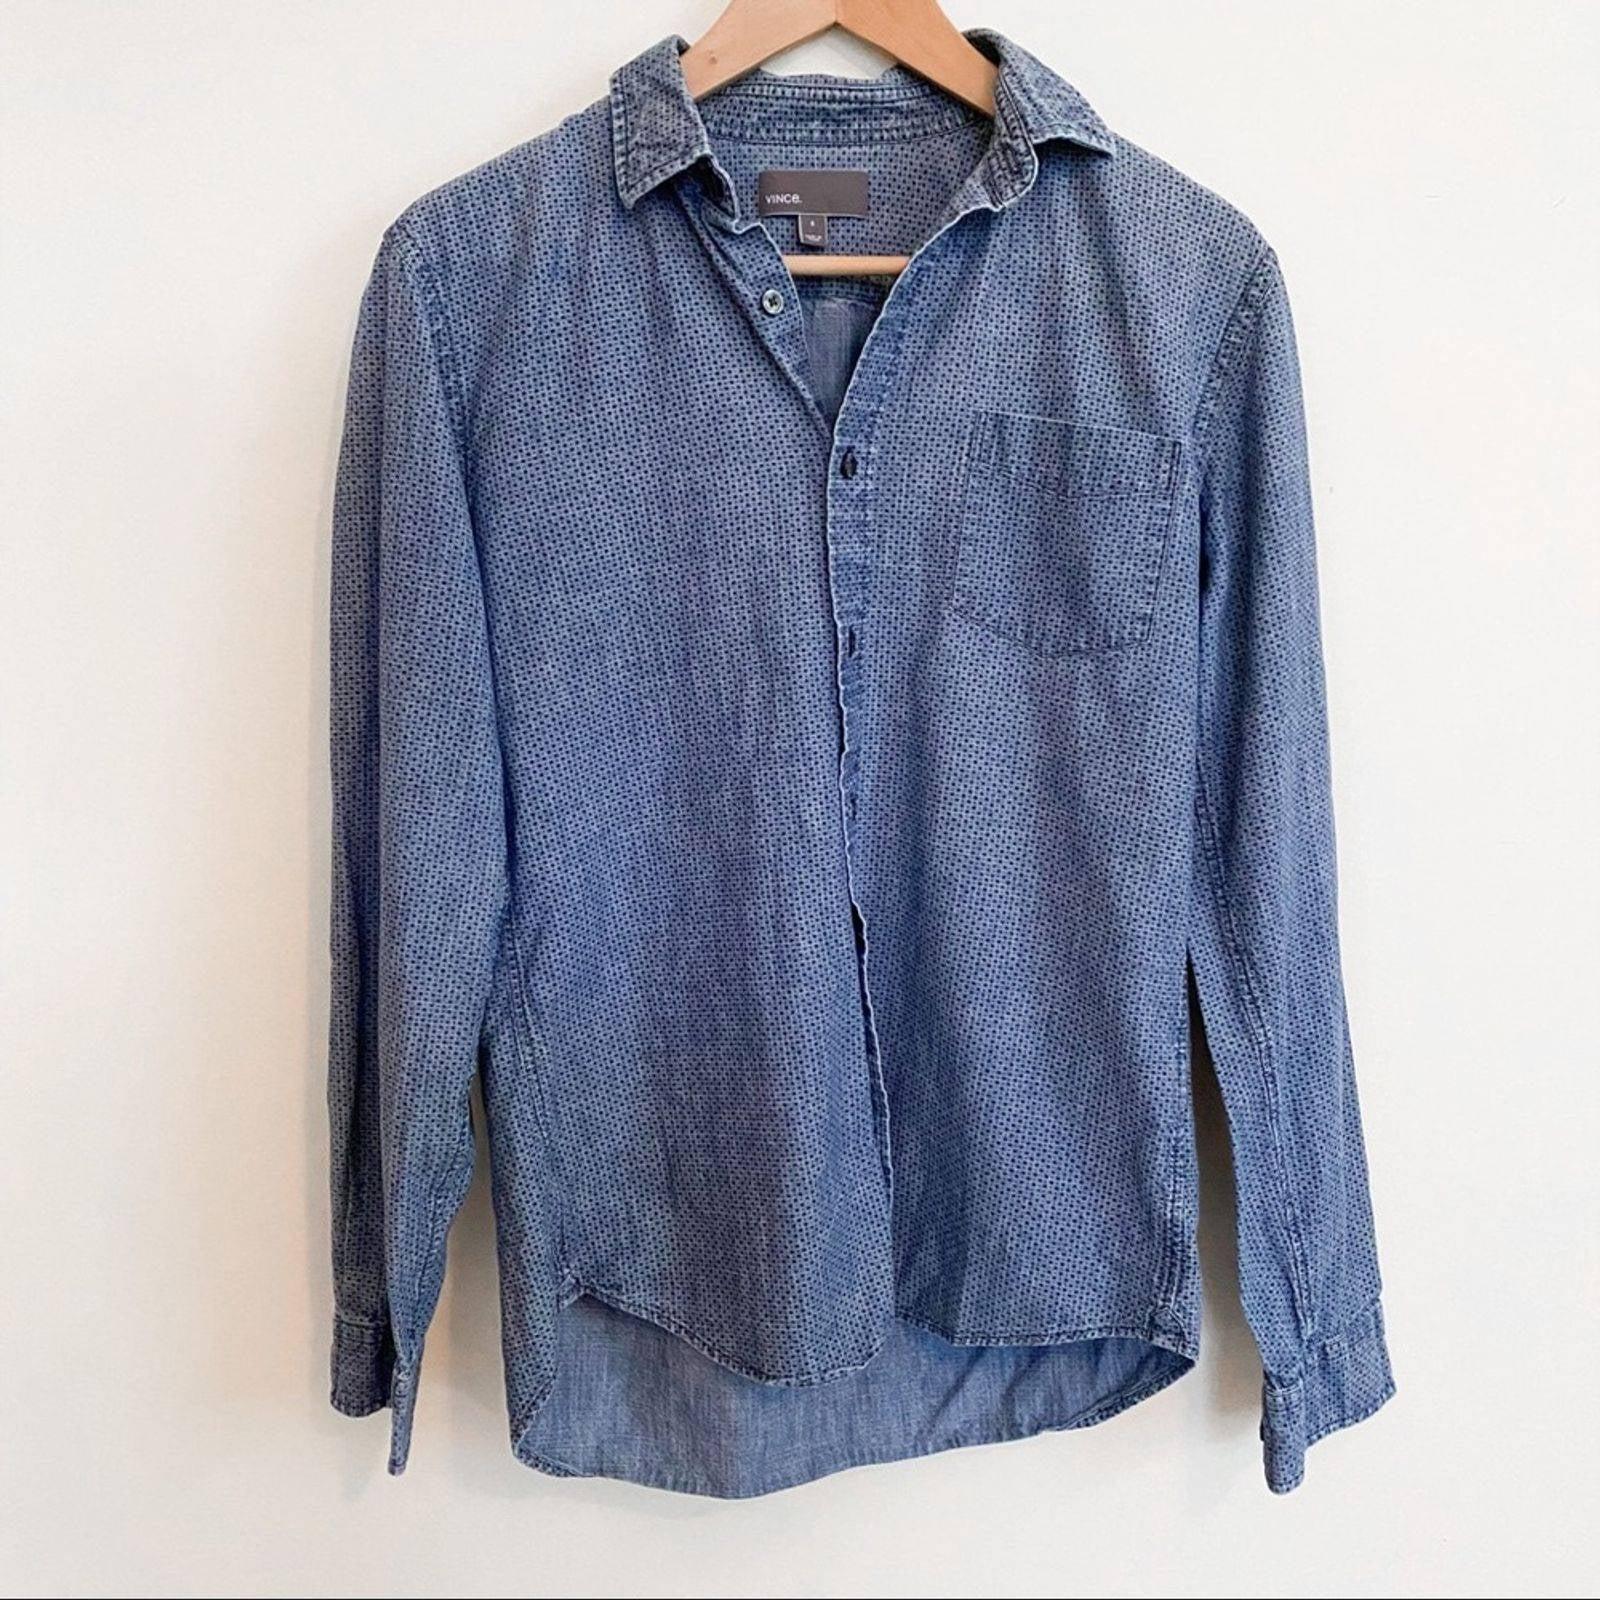 Vince Cotton Button Down Shirt Size S